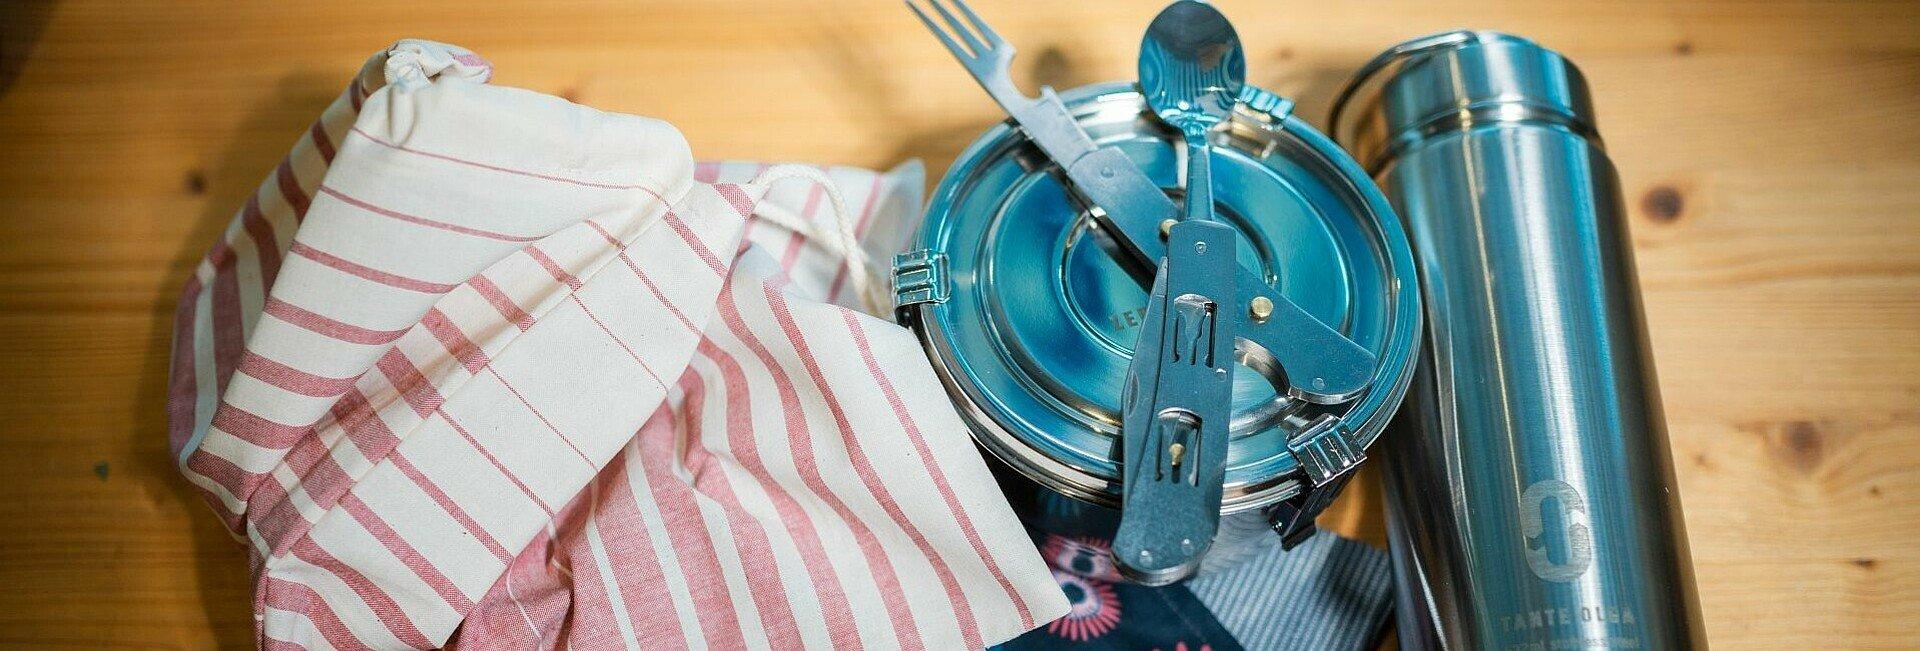 Kaffeebecher, Stoffserviette, Stoffsäckchen, Wasserfalsche, Dose und Besteck für unterwegs